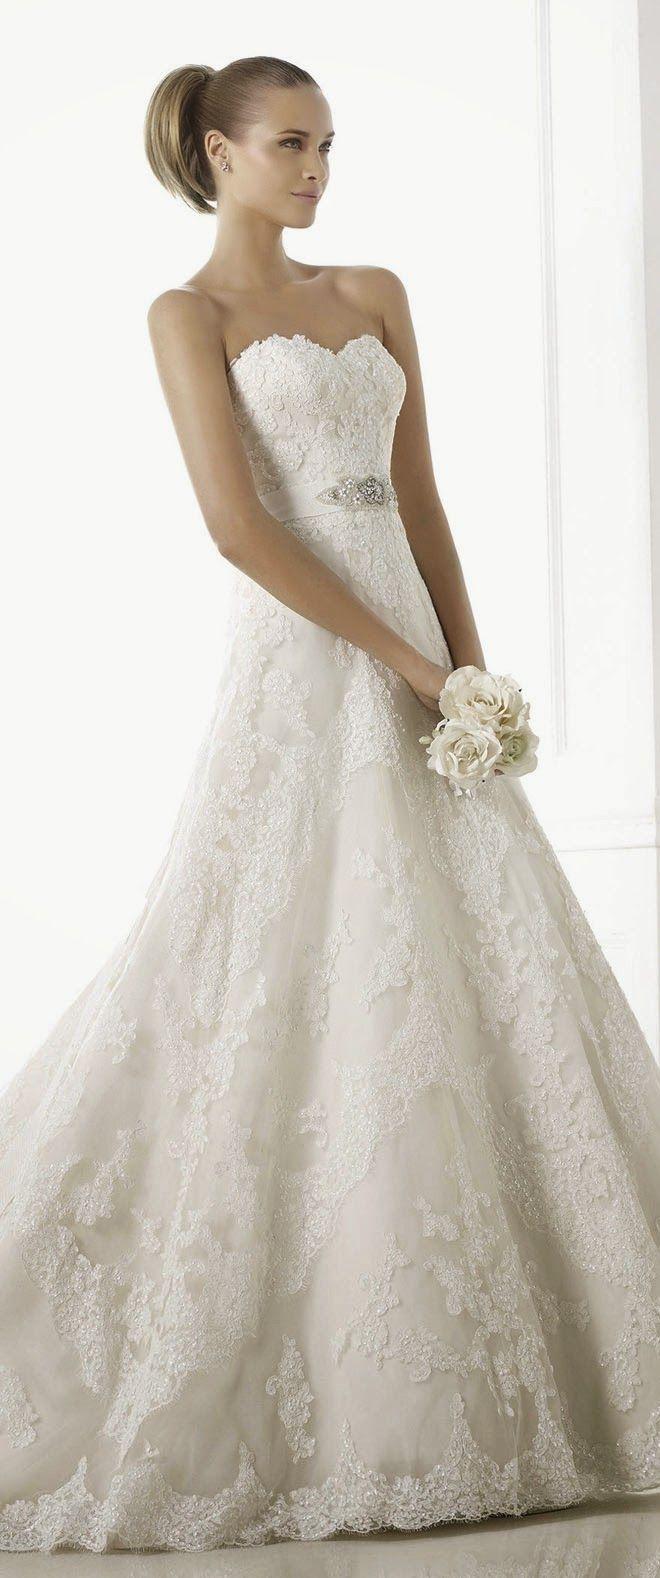 Pronovias 2015 Bridal Collections - Part 2   Pinterest   Bridal ...